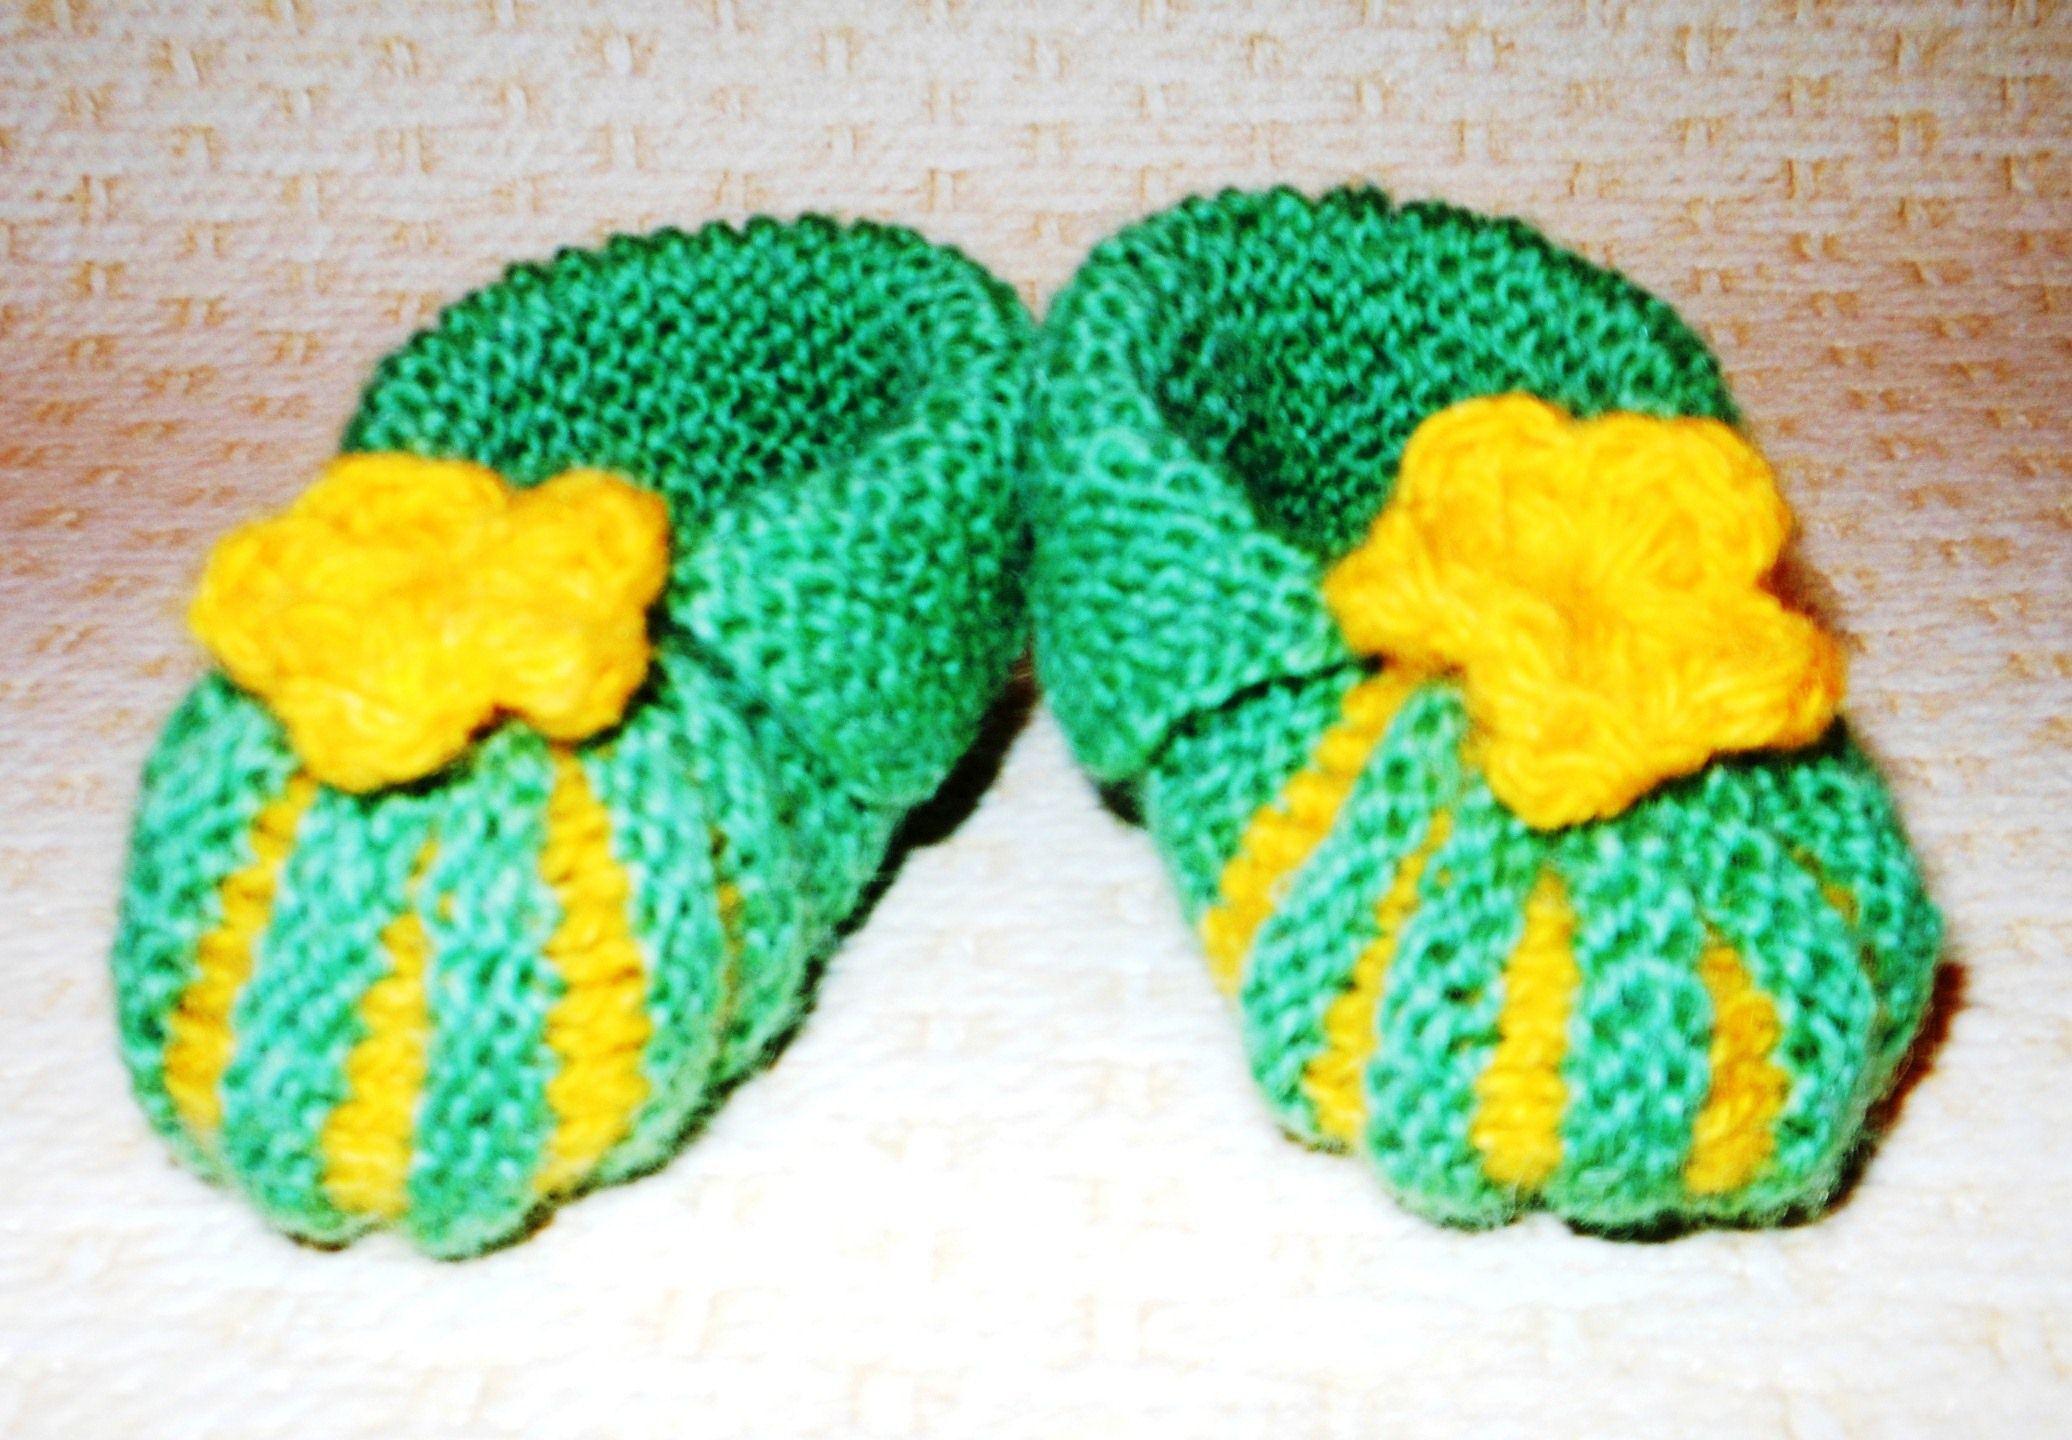 спицами пинетки шерстяные работа теплые для ребенка носки ручная шерсть вязание купить дети подарок связано